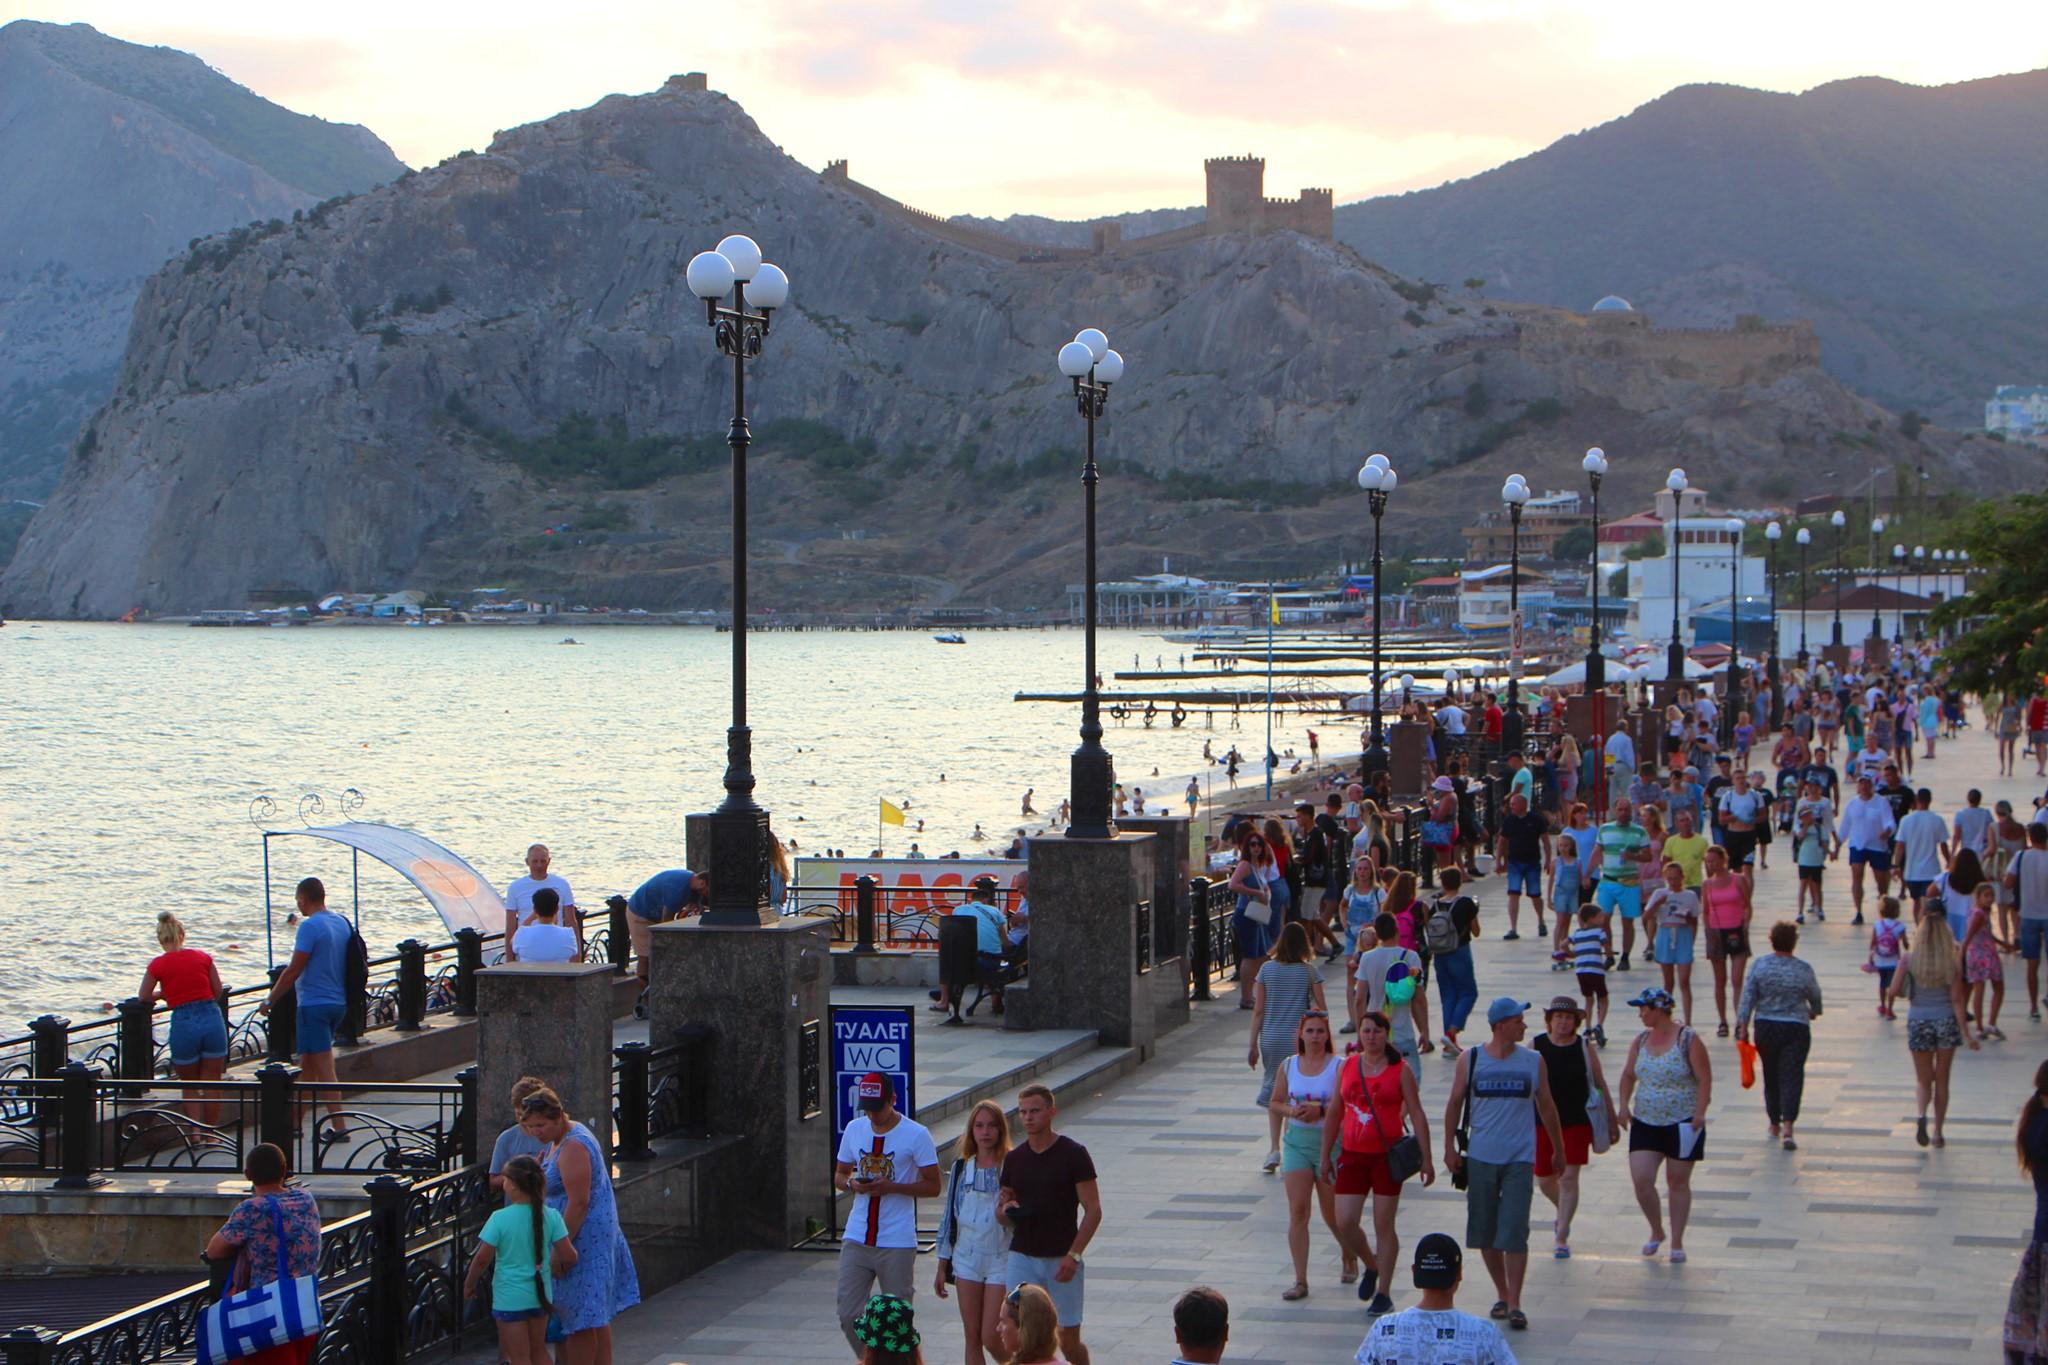 От жадности? Депозит в кафе - новая беда крымского побережья